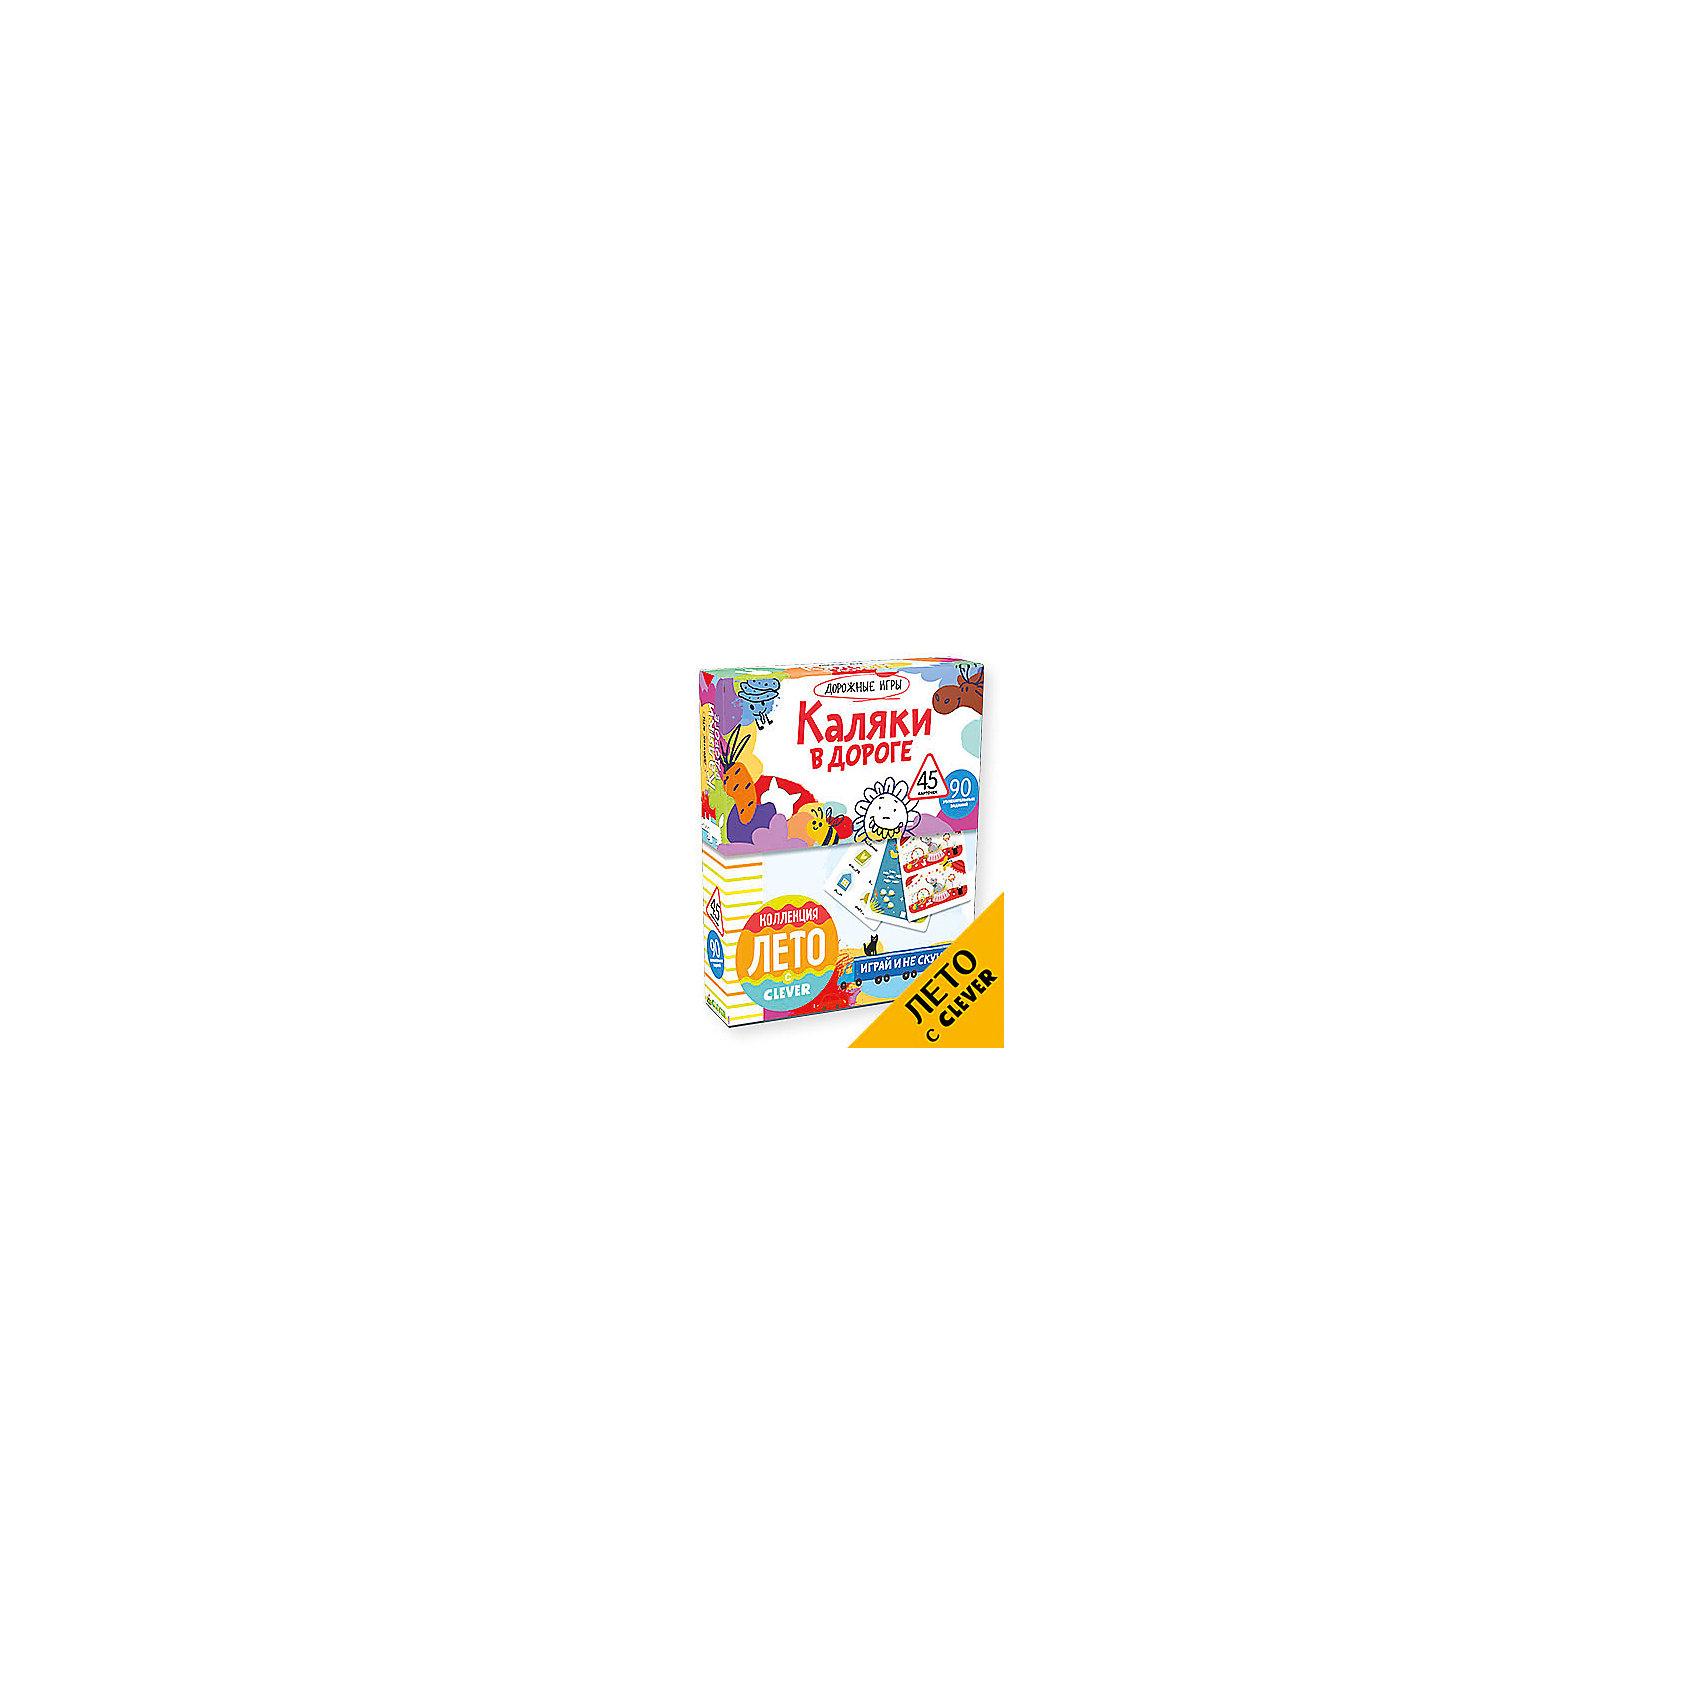 Каляки в дороге, CleverРаскраски по номерам<br>Характеристики товара:<br><br>• ISBN: 9785906929532;<br>• возраст: от 4 лет;<br>• формат: 70х100/32;<br>• бумага: картон;<br>• тип обложки: Box;<br>• оформление: текстильные и пластиковые вставки;<br>• иллюстрации: цветные;<br>• серия: Возьми с собой в дорогу;<br>• коллекция: Лето;<br>• издательство: Клевер Медиа Групп, 2017 г.;<br>• автор: Уткина Ольга;<br>• художник: Трущенкова Мария, Дружининская Анастасия, Шароватова Наталья;<br>• количество страниц: 90;<br>• размеры: 16,5х12,8х2,8 см;<br>• масса: 282 г.<br><br>Сборник задачек «Каляки в дороге» подходит для мальчиков и девочек от 4 лет. Внутри плотной коробки находятся 45 карточек и 90  заданий. Забавные калякалки-малякалки, рисовалки, находилки, лабиринты, веселые задания надолго увлекут малышей. <br><br>Интересные задания развивают фантазию, воображение и креативность.<br><br>Набор удобно брать с собой на отдых и в дорогу.<br><br>Книгу «Каляки в дороге», Клевер Медиа Групп, Уткина Ольга, можно купить в нашем интернет-магазине.<br><br>Ширина мм: 145<br>Глубина мм: 115<br>Высота мм: 200<br>Вес г: 290<br>Возраст от месяцев: 48<br>Возраст до месяцев: 72<br>Пол: Унисекс<br>Возраст: Детский<br>SKU: 6709195